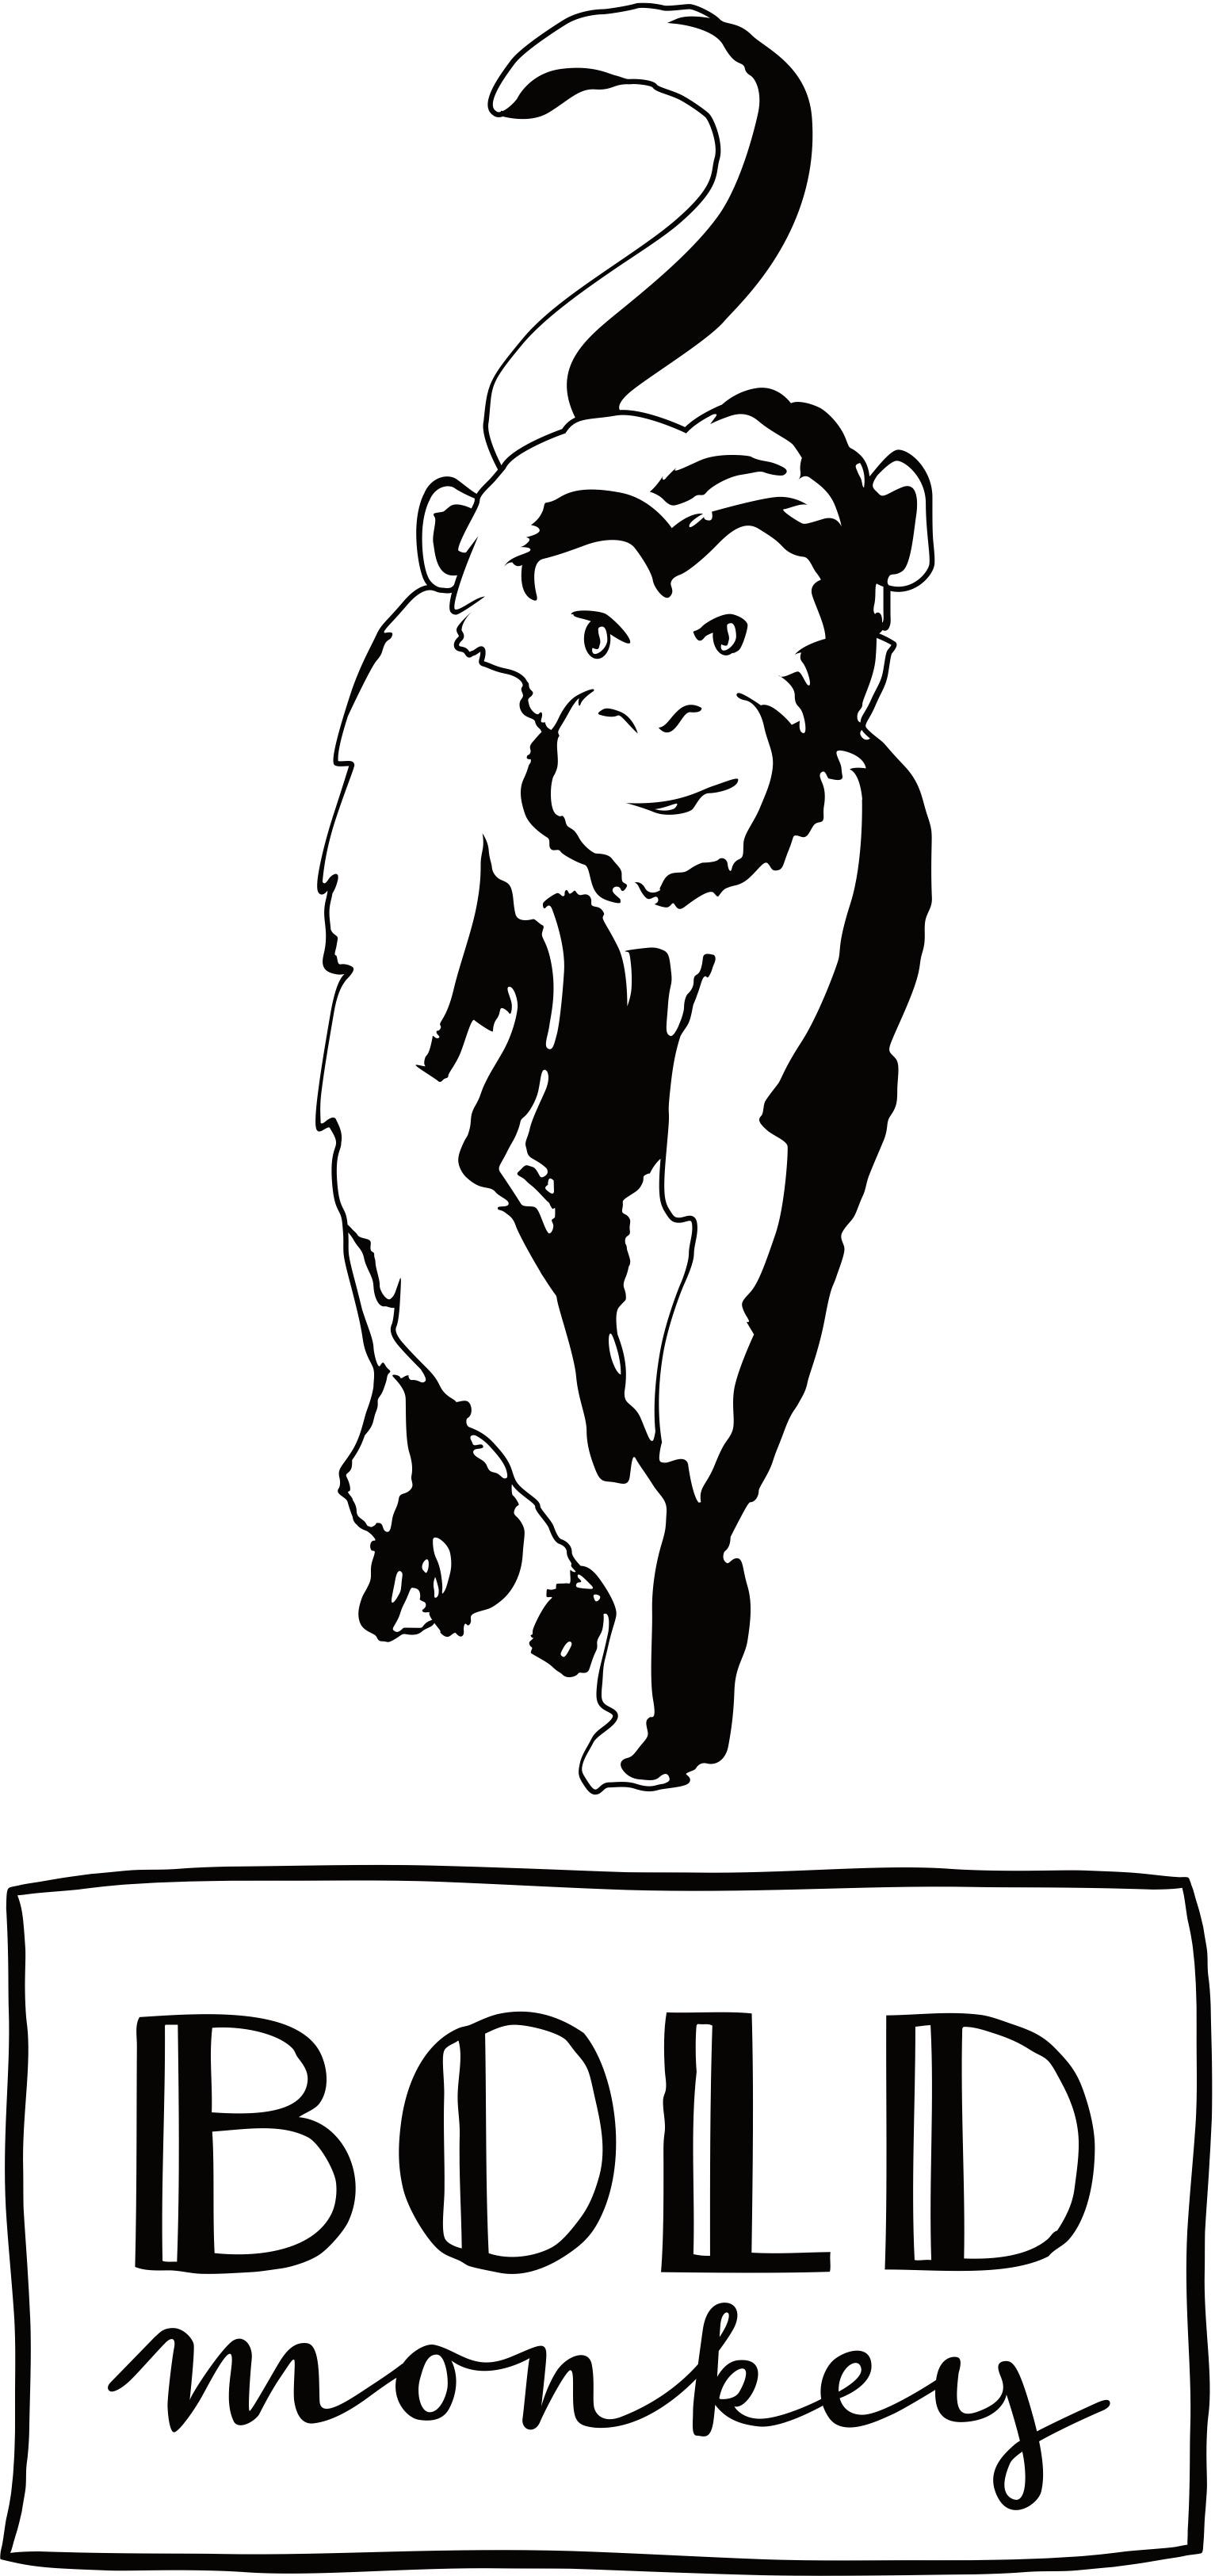 Bold Monkey I am not a croissant bank oker geel velvet gouden poten vooraanzicht